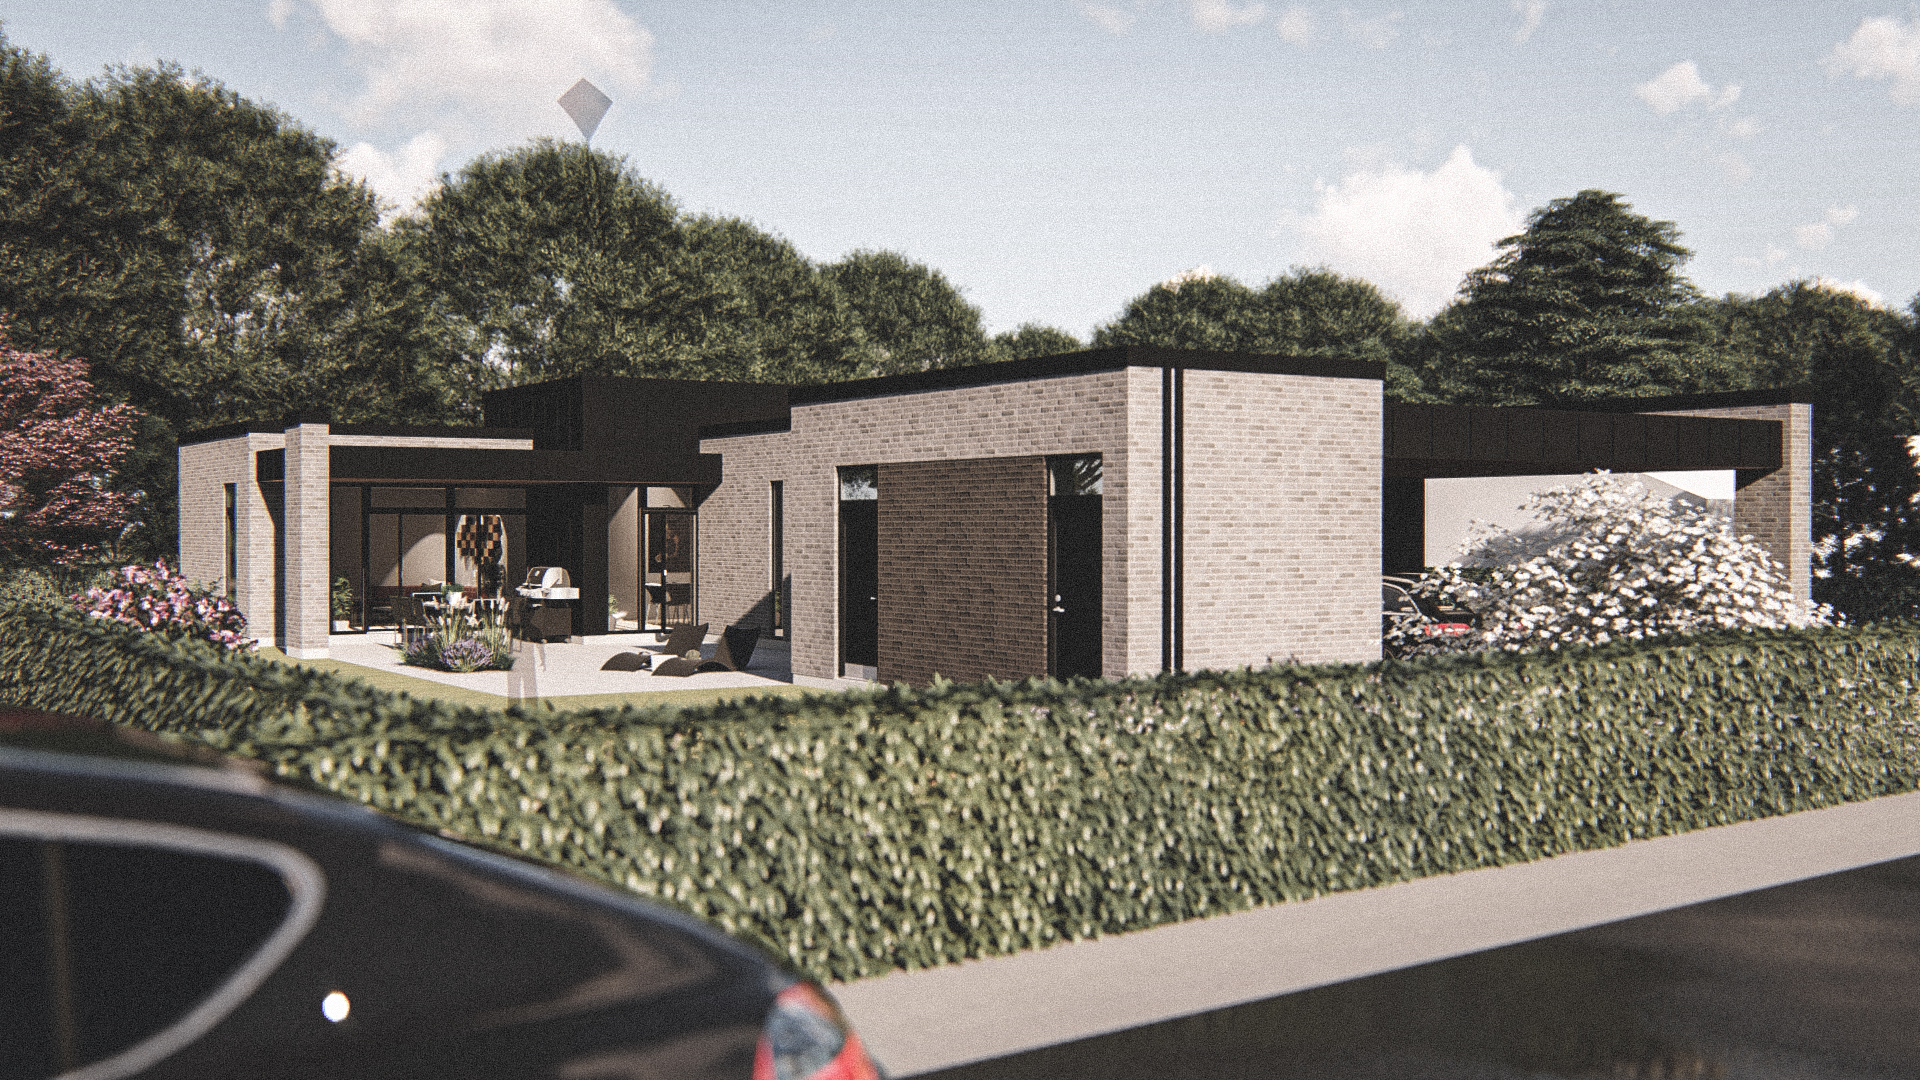 Billede af Dansk arkitekttegnet 1 plan villa af arkitektfirmaet m2plus, i Silkeborg på 180 kvartratmeter.